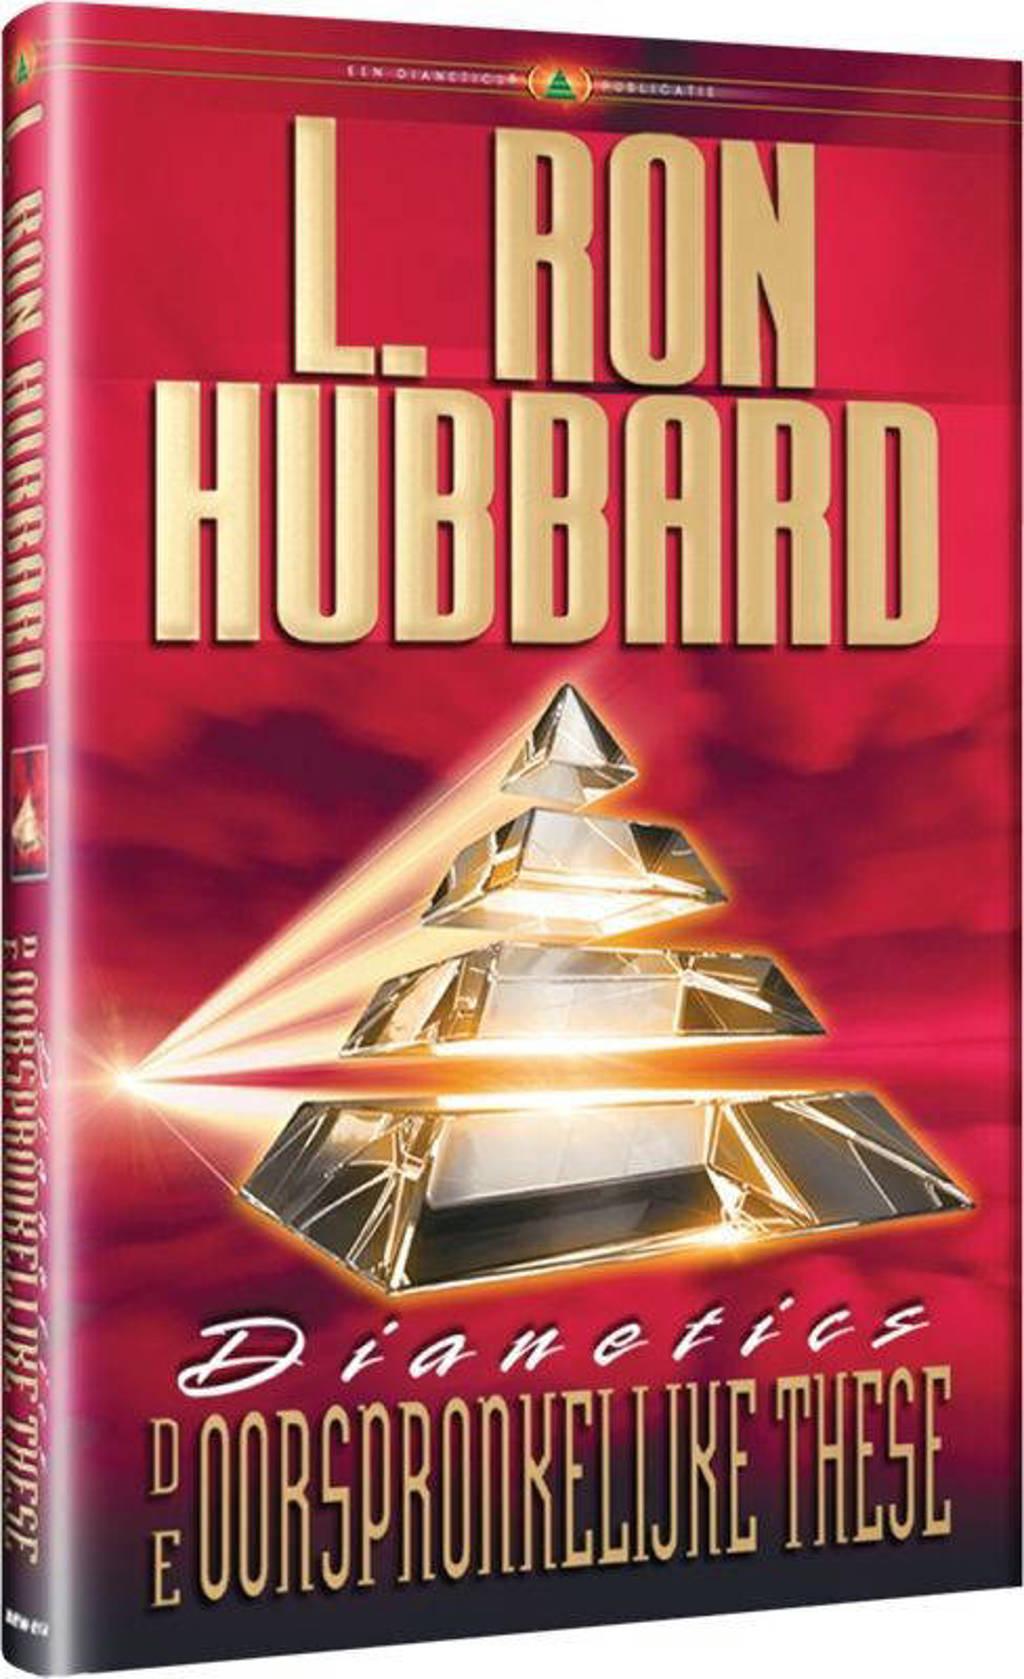 Dianetics de Oorspronkelijke Thesa - L. Ron Hubbard